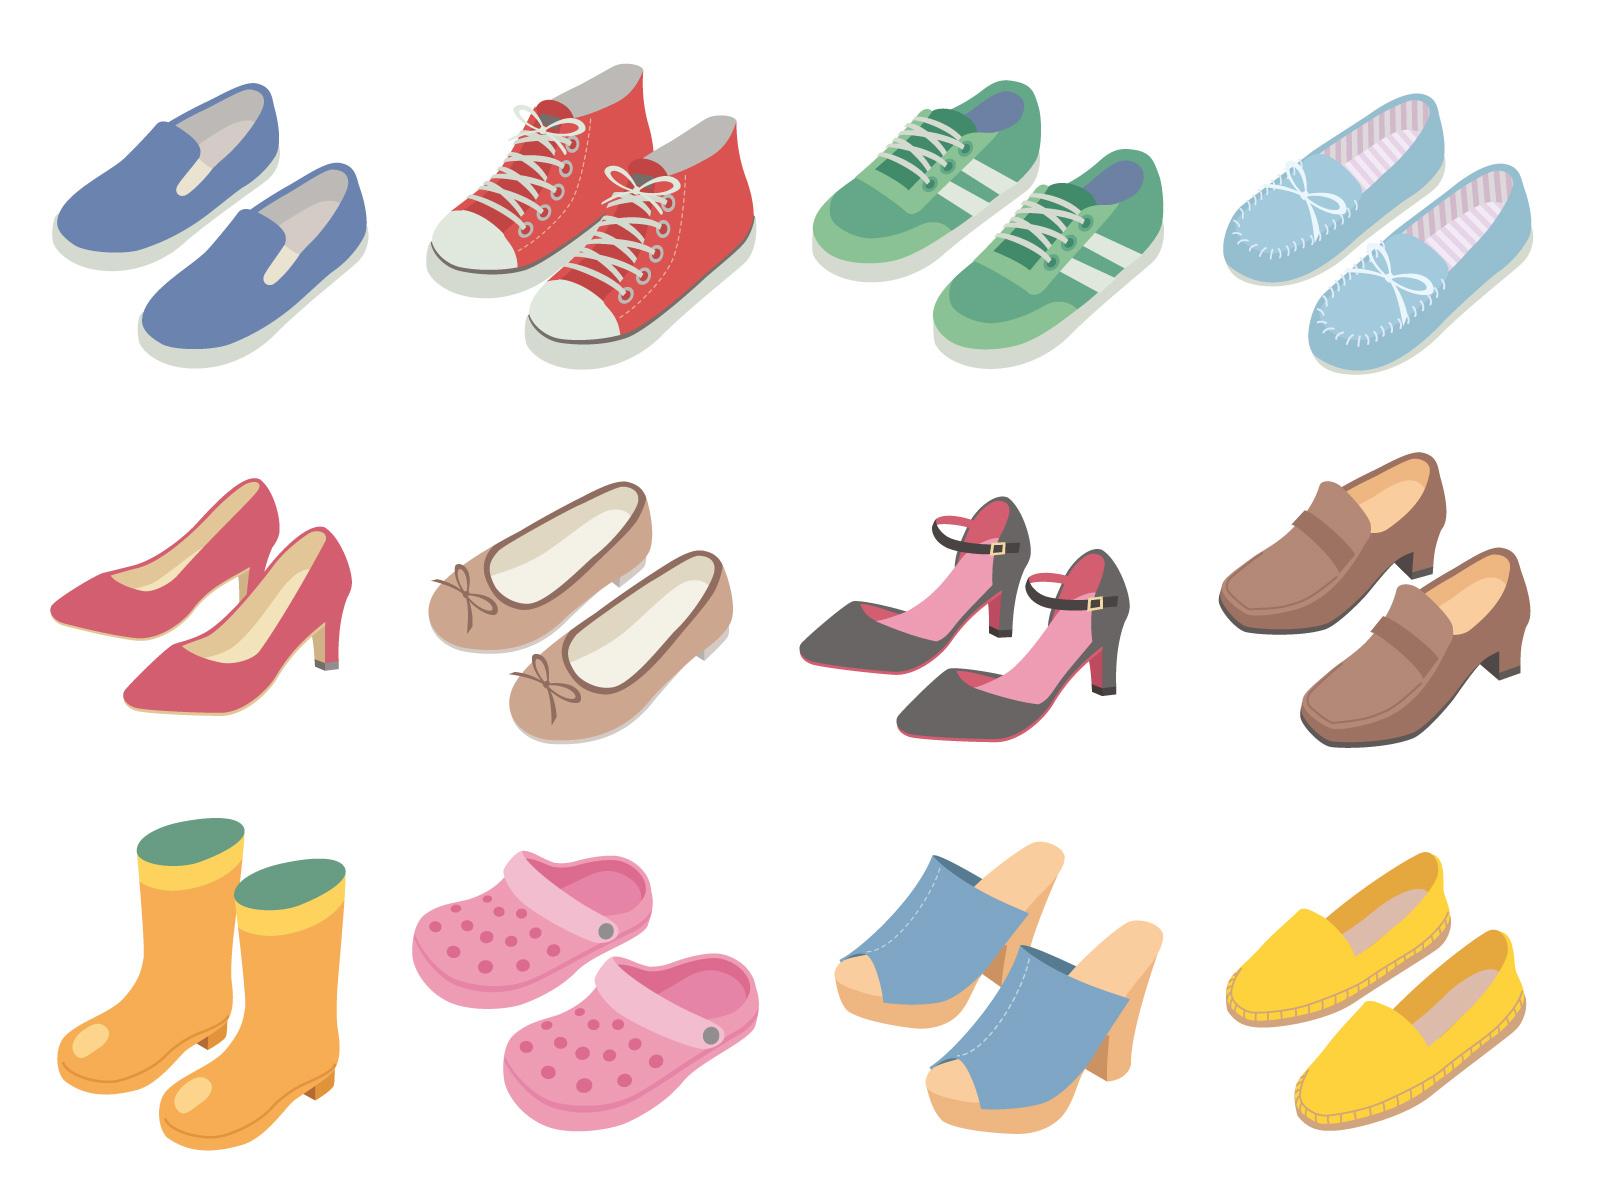 たくさんの靴のイメージ画像